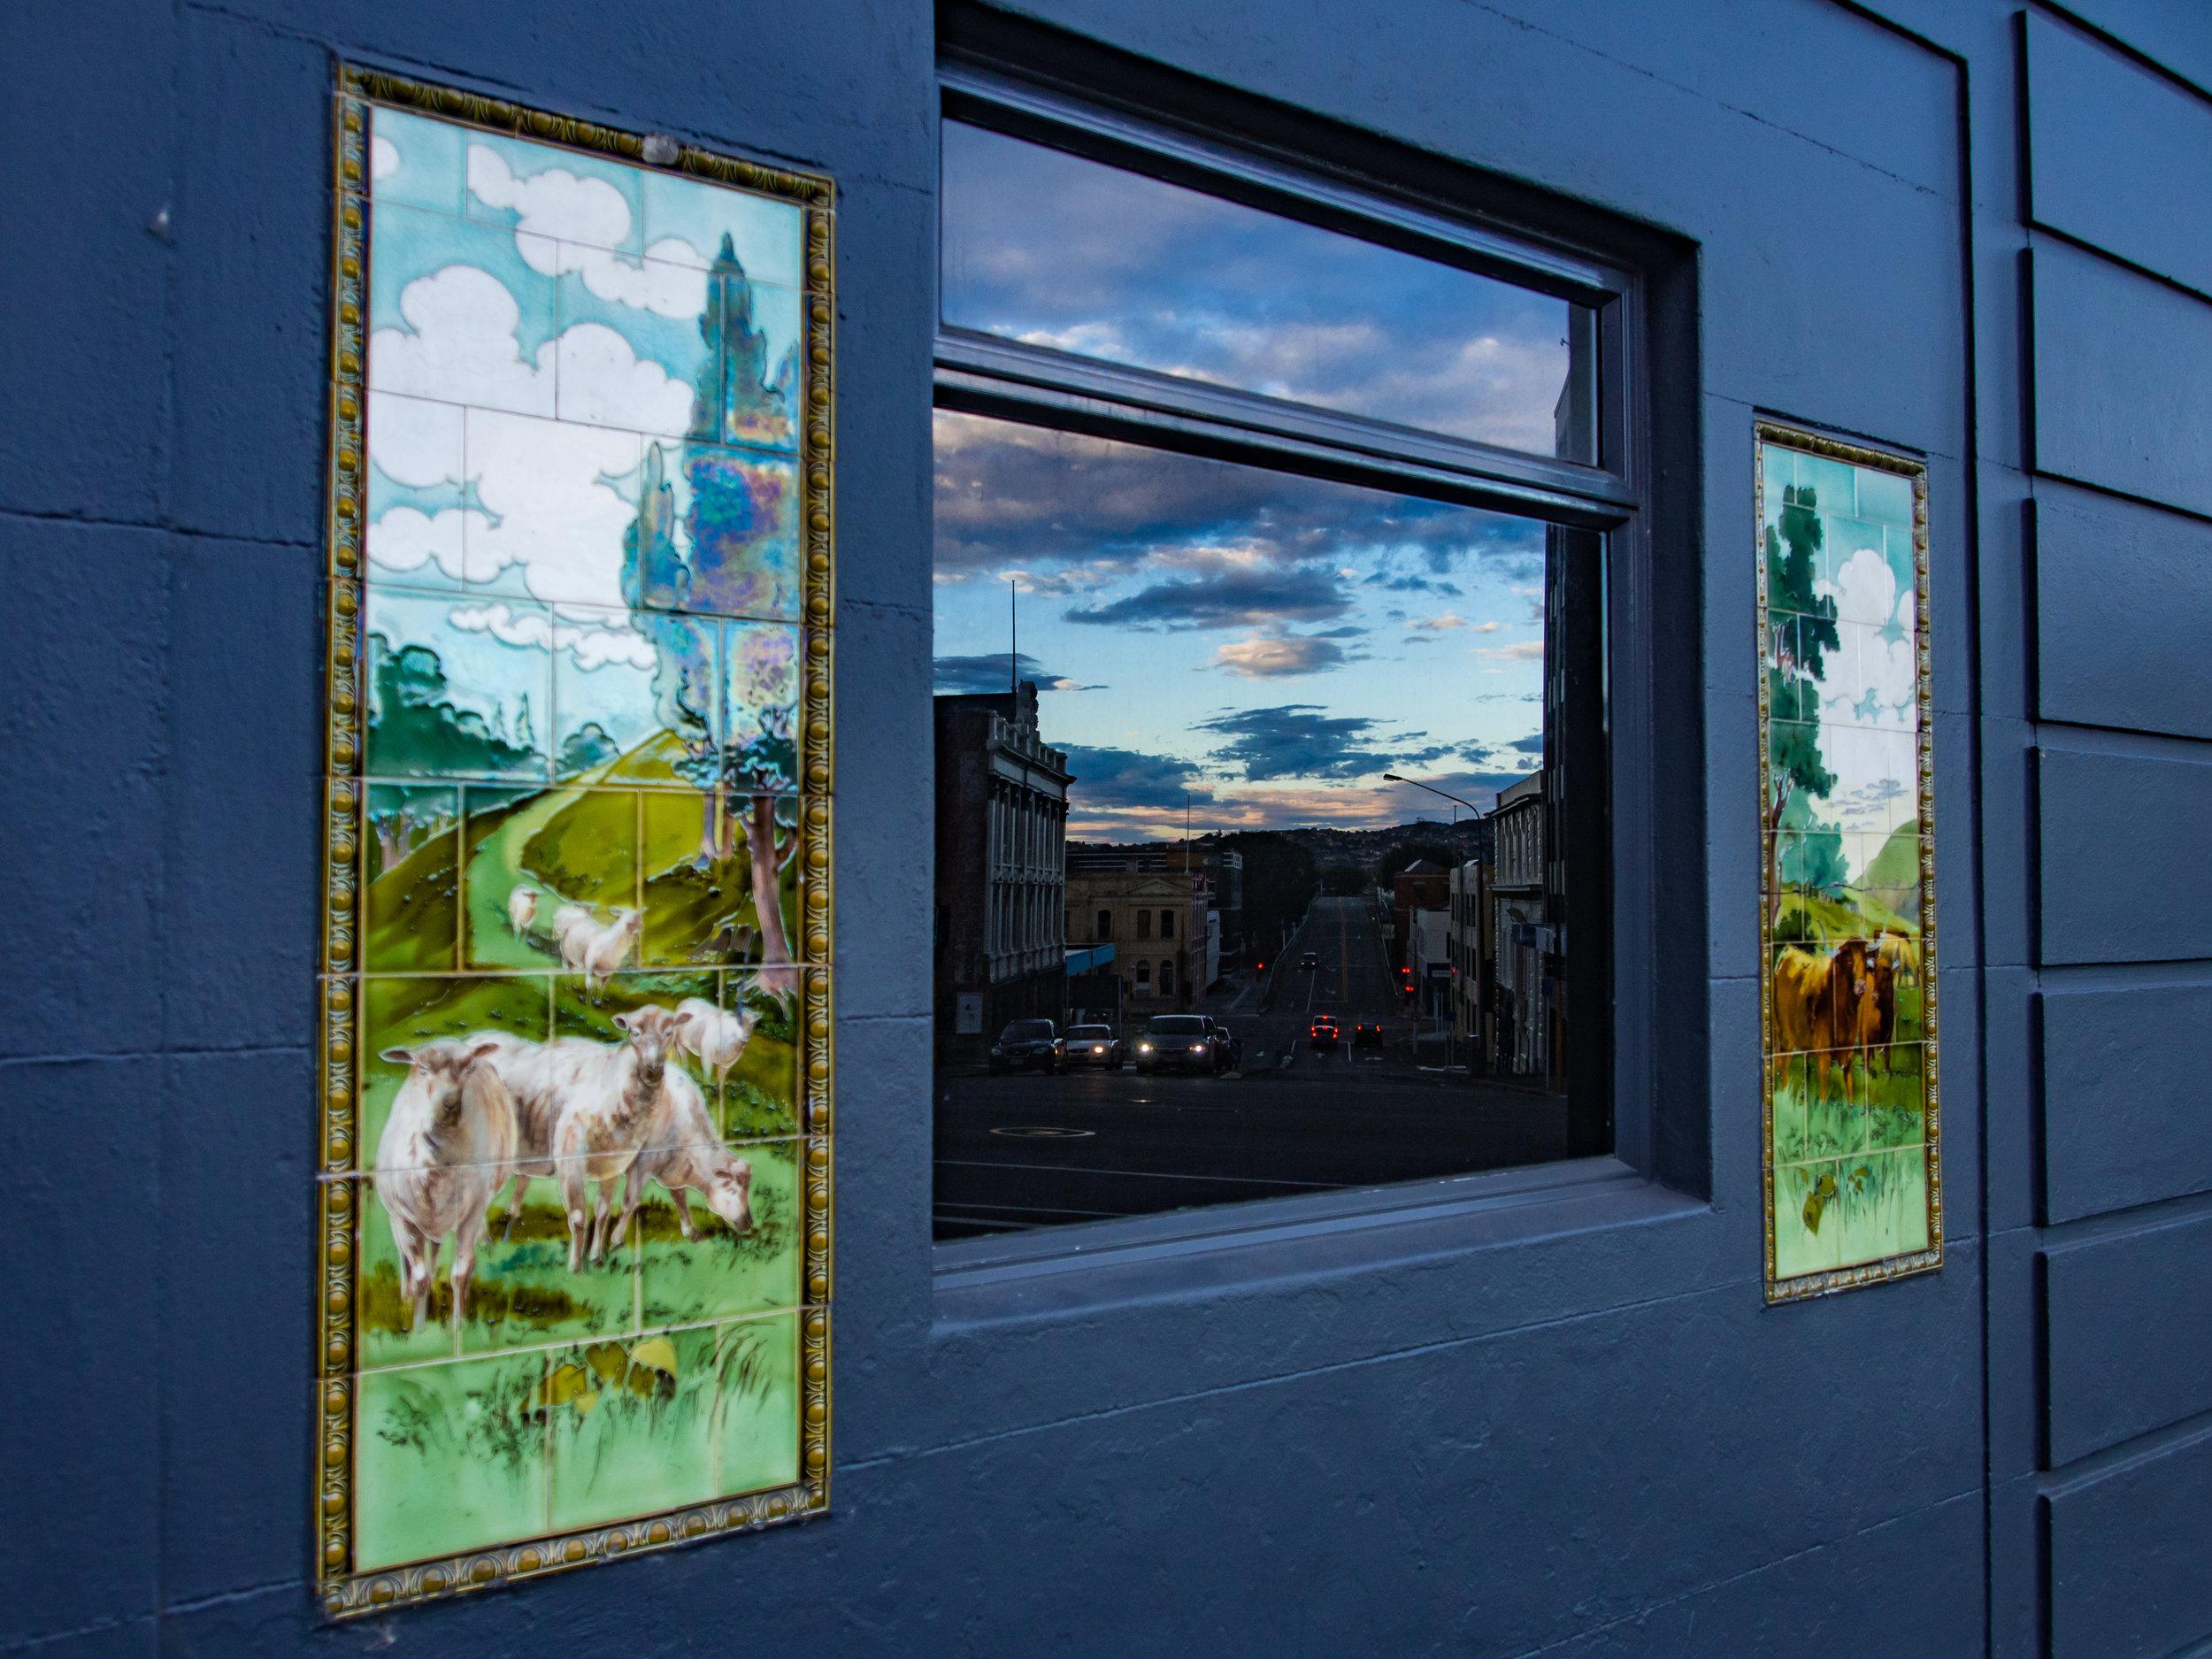 Dunedin shops reflected in a window